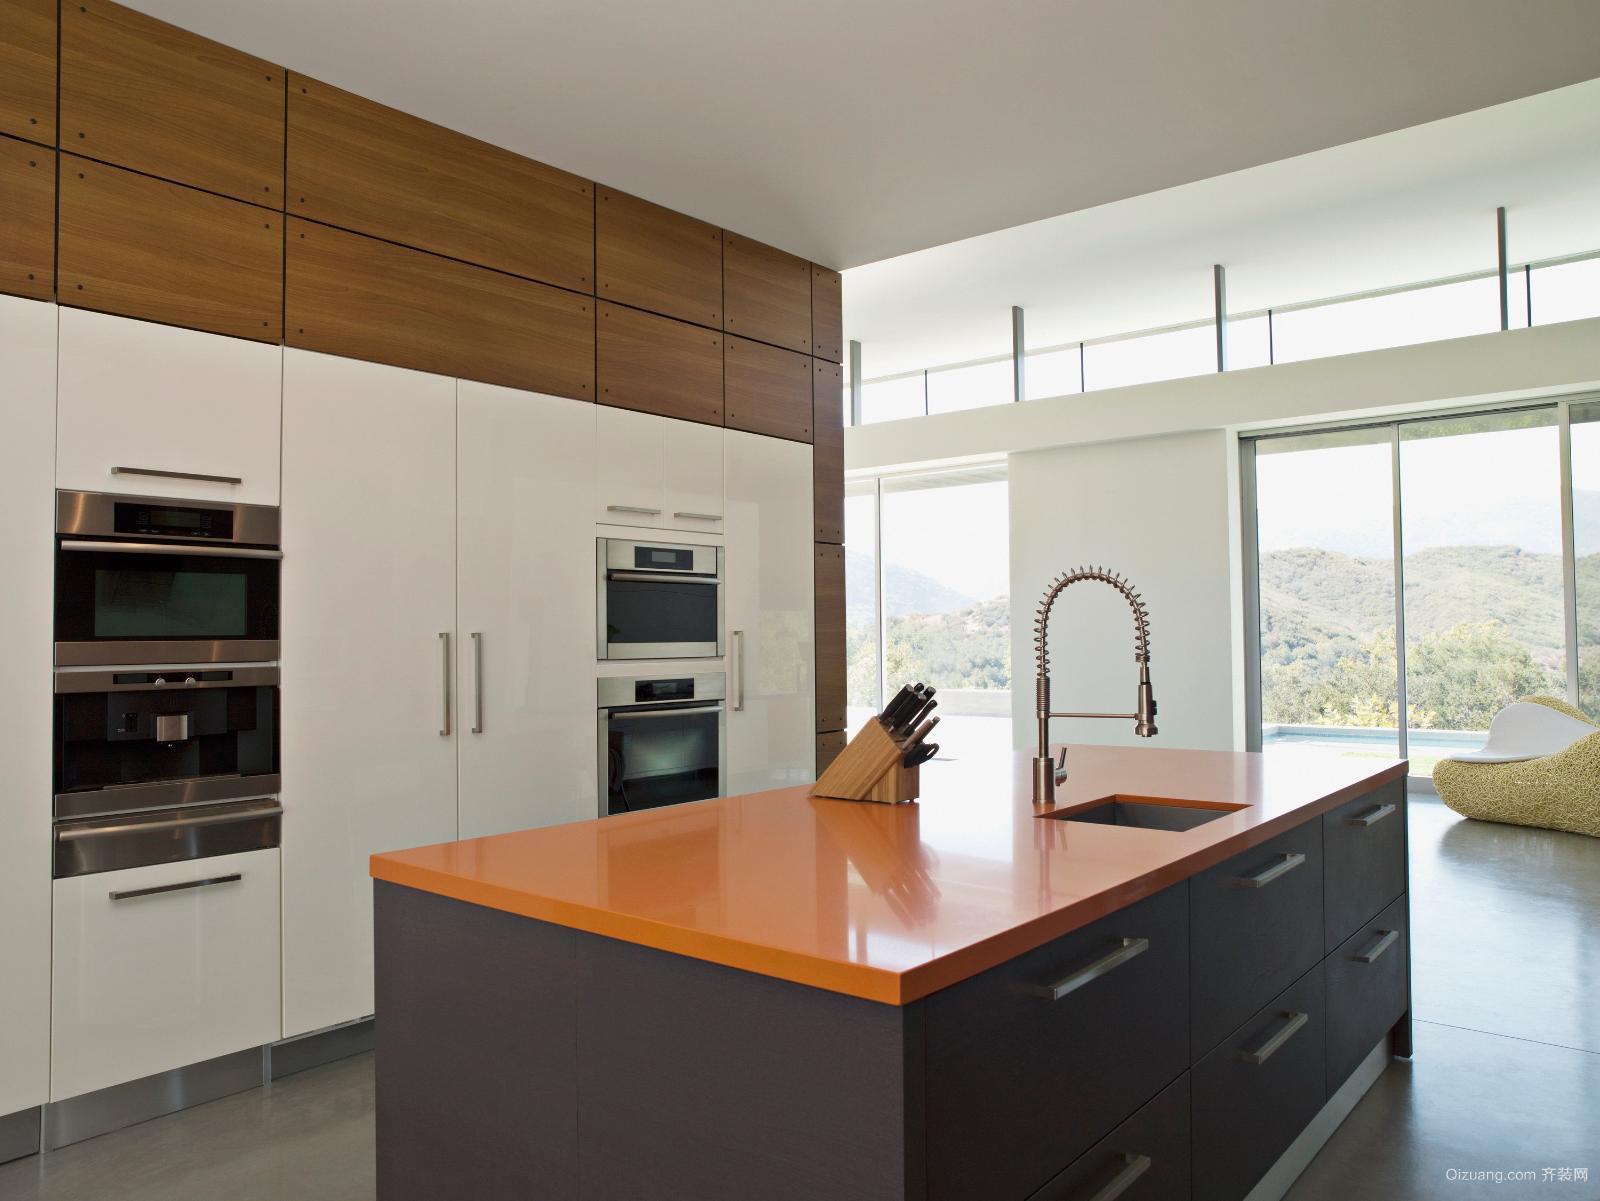 郊区大别墅现代开放式厨房装修设计效果图